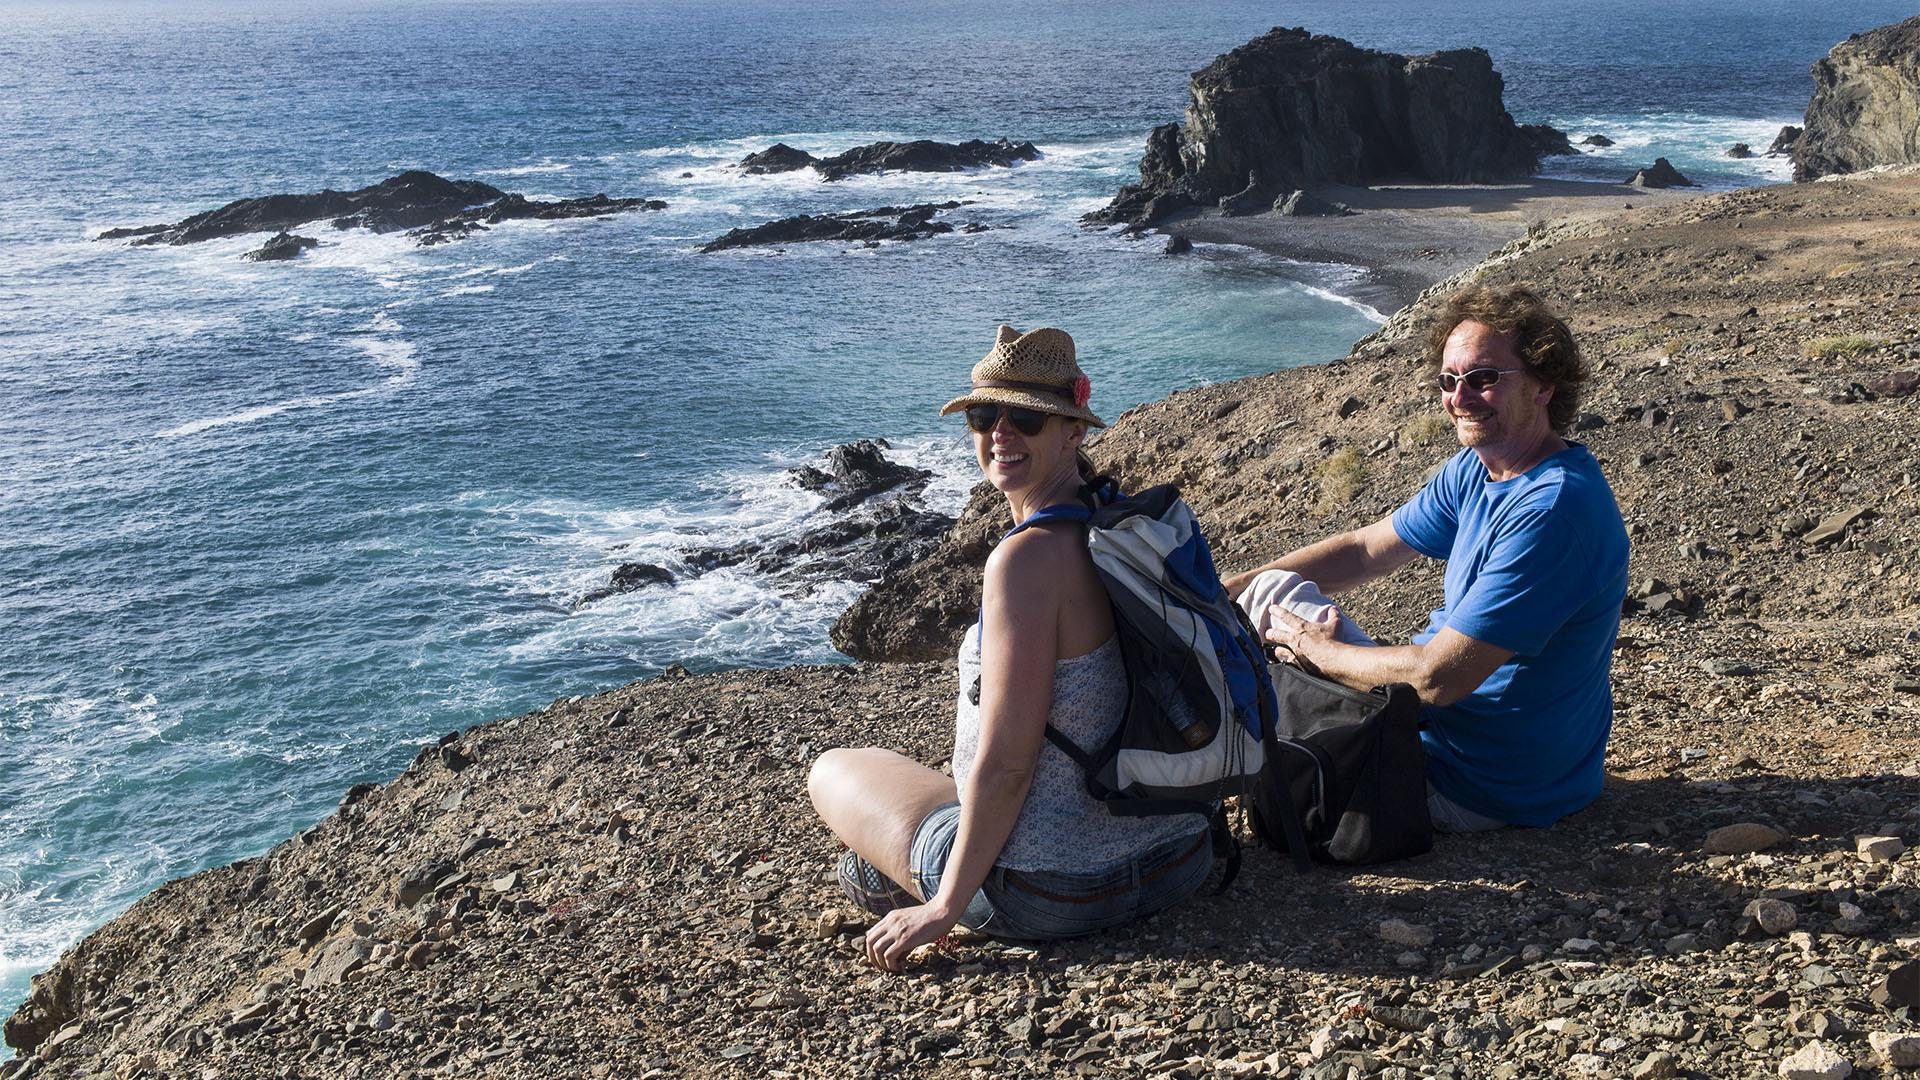 Die Strände Fuerteventuras: Arco del Jurado –Peña Hordada